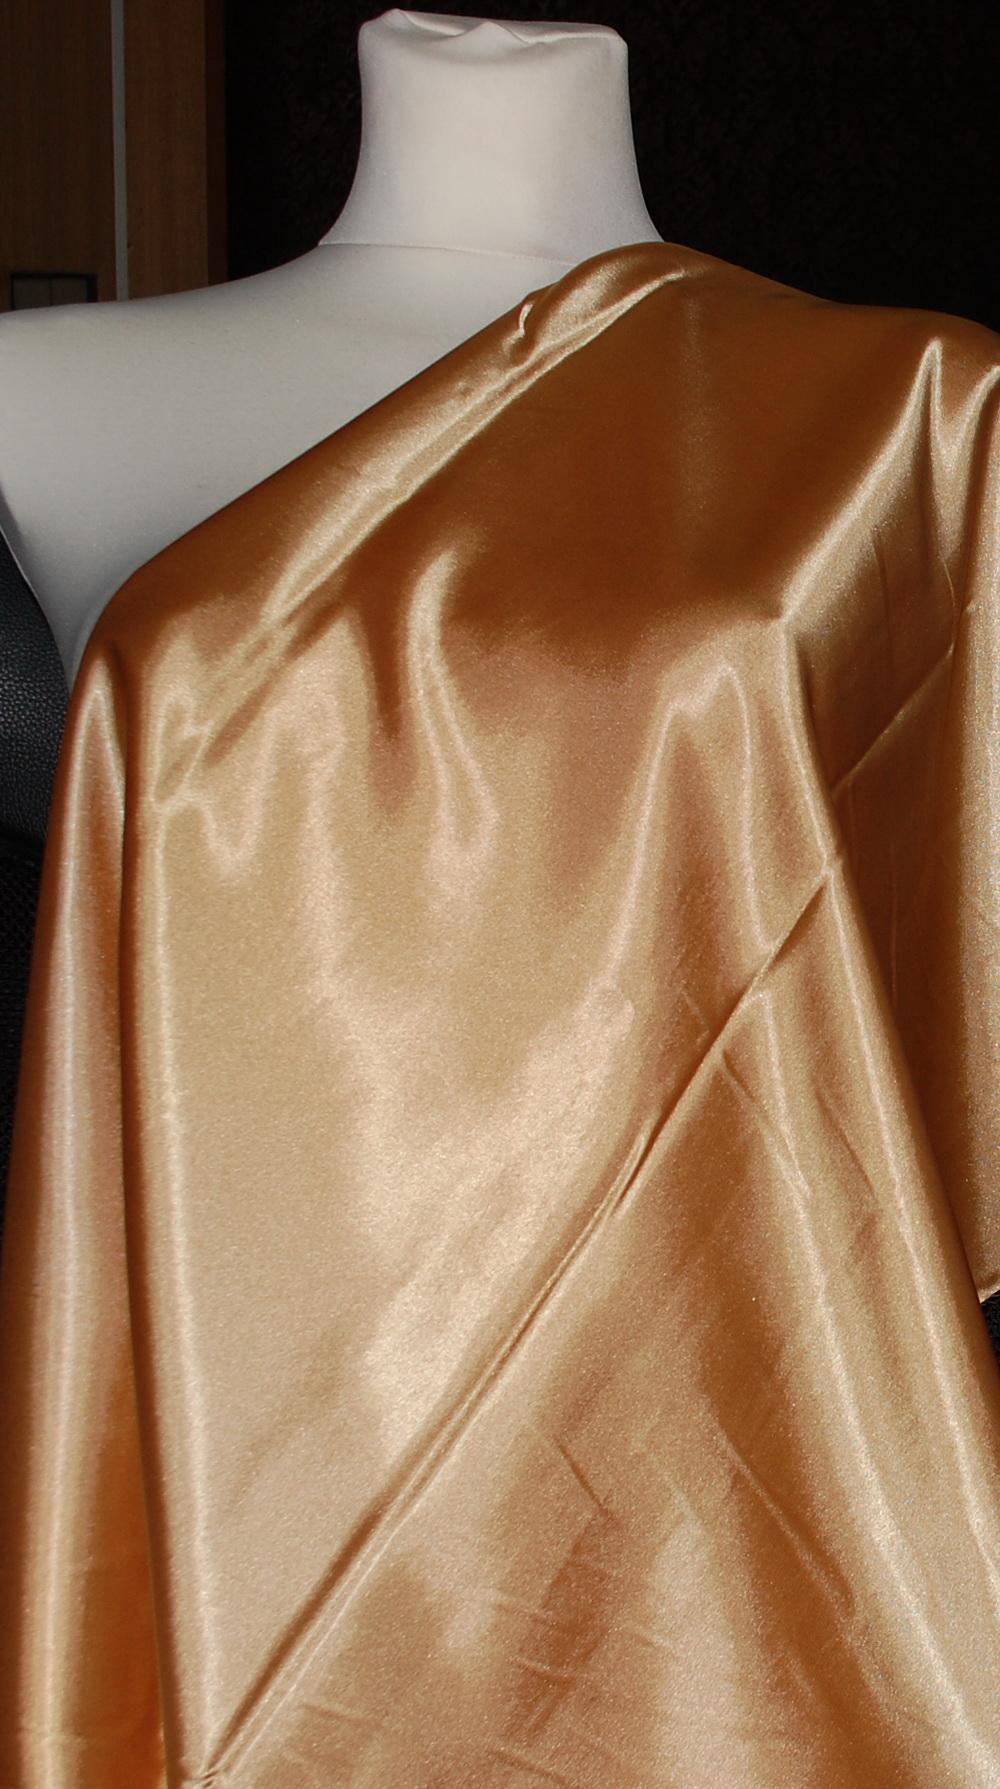 ad91cfb0d72a Satén elastický 1025 44 zlatý - Jizerka - Textil s.r.o.